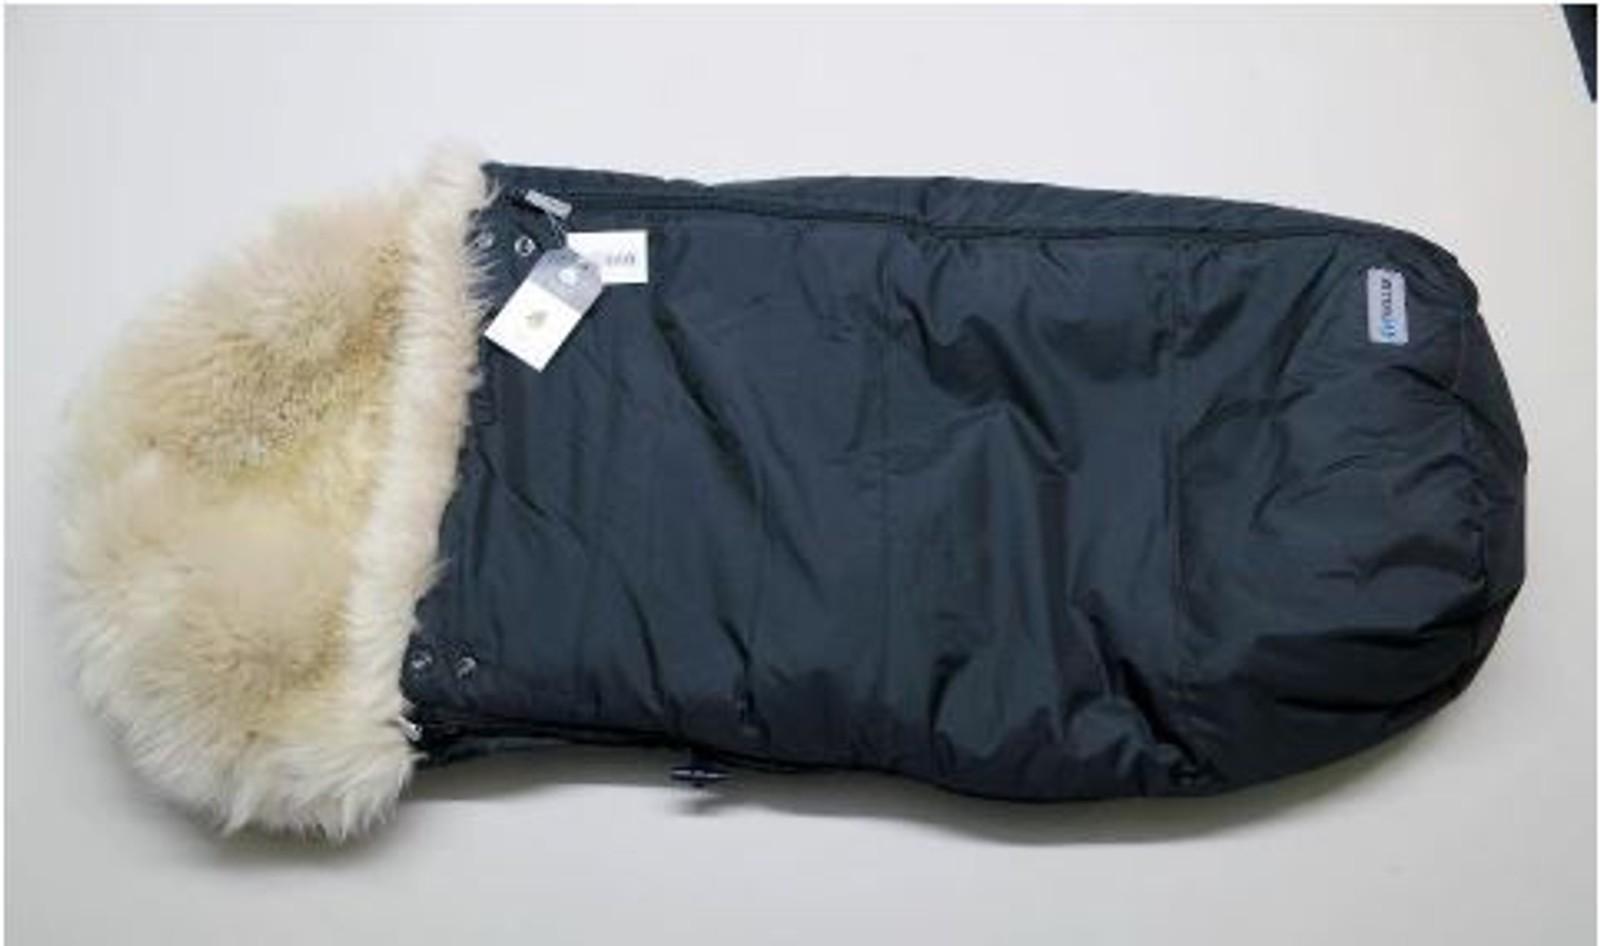 I denne typen skinnpose fra Troller, kjøpt på Rudo, ble det funnet Dietylheksyl-ftalat (DEHP) som kan skade forplantningsevnen og gi fosterskader.